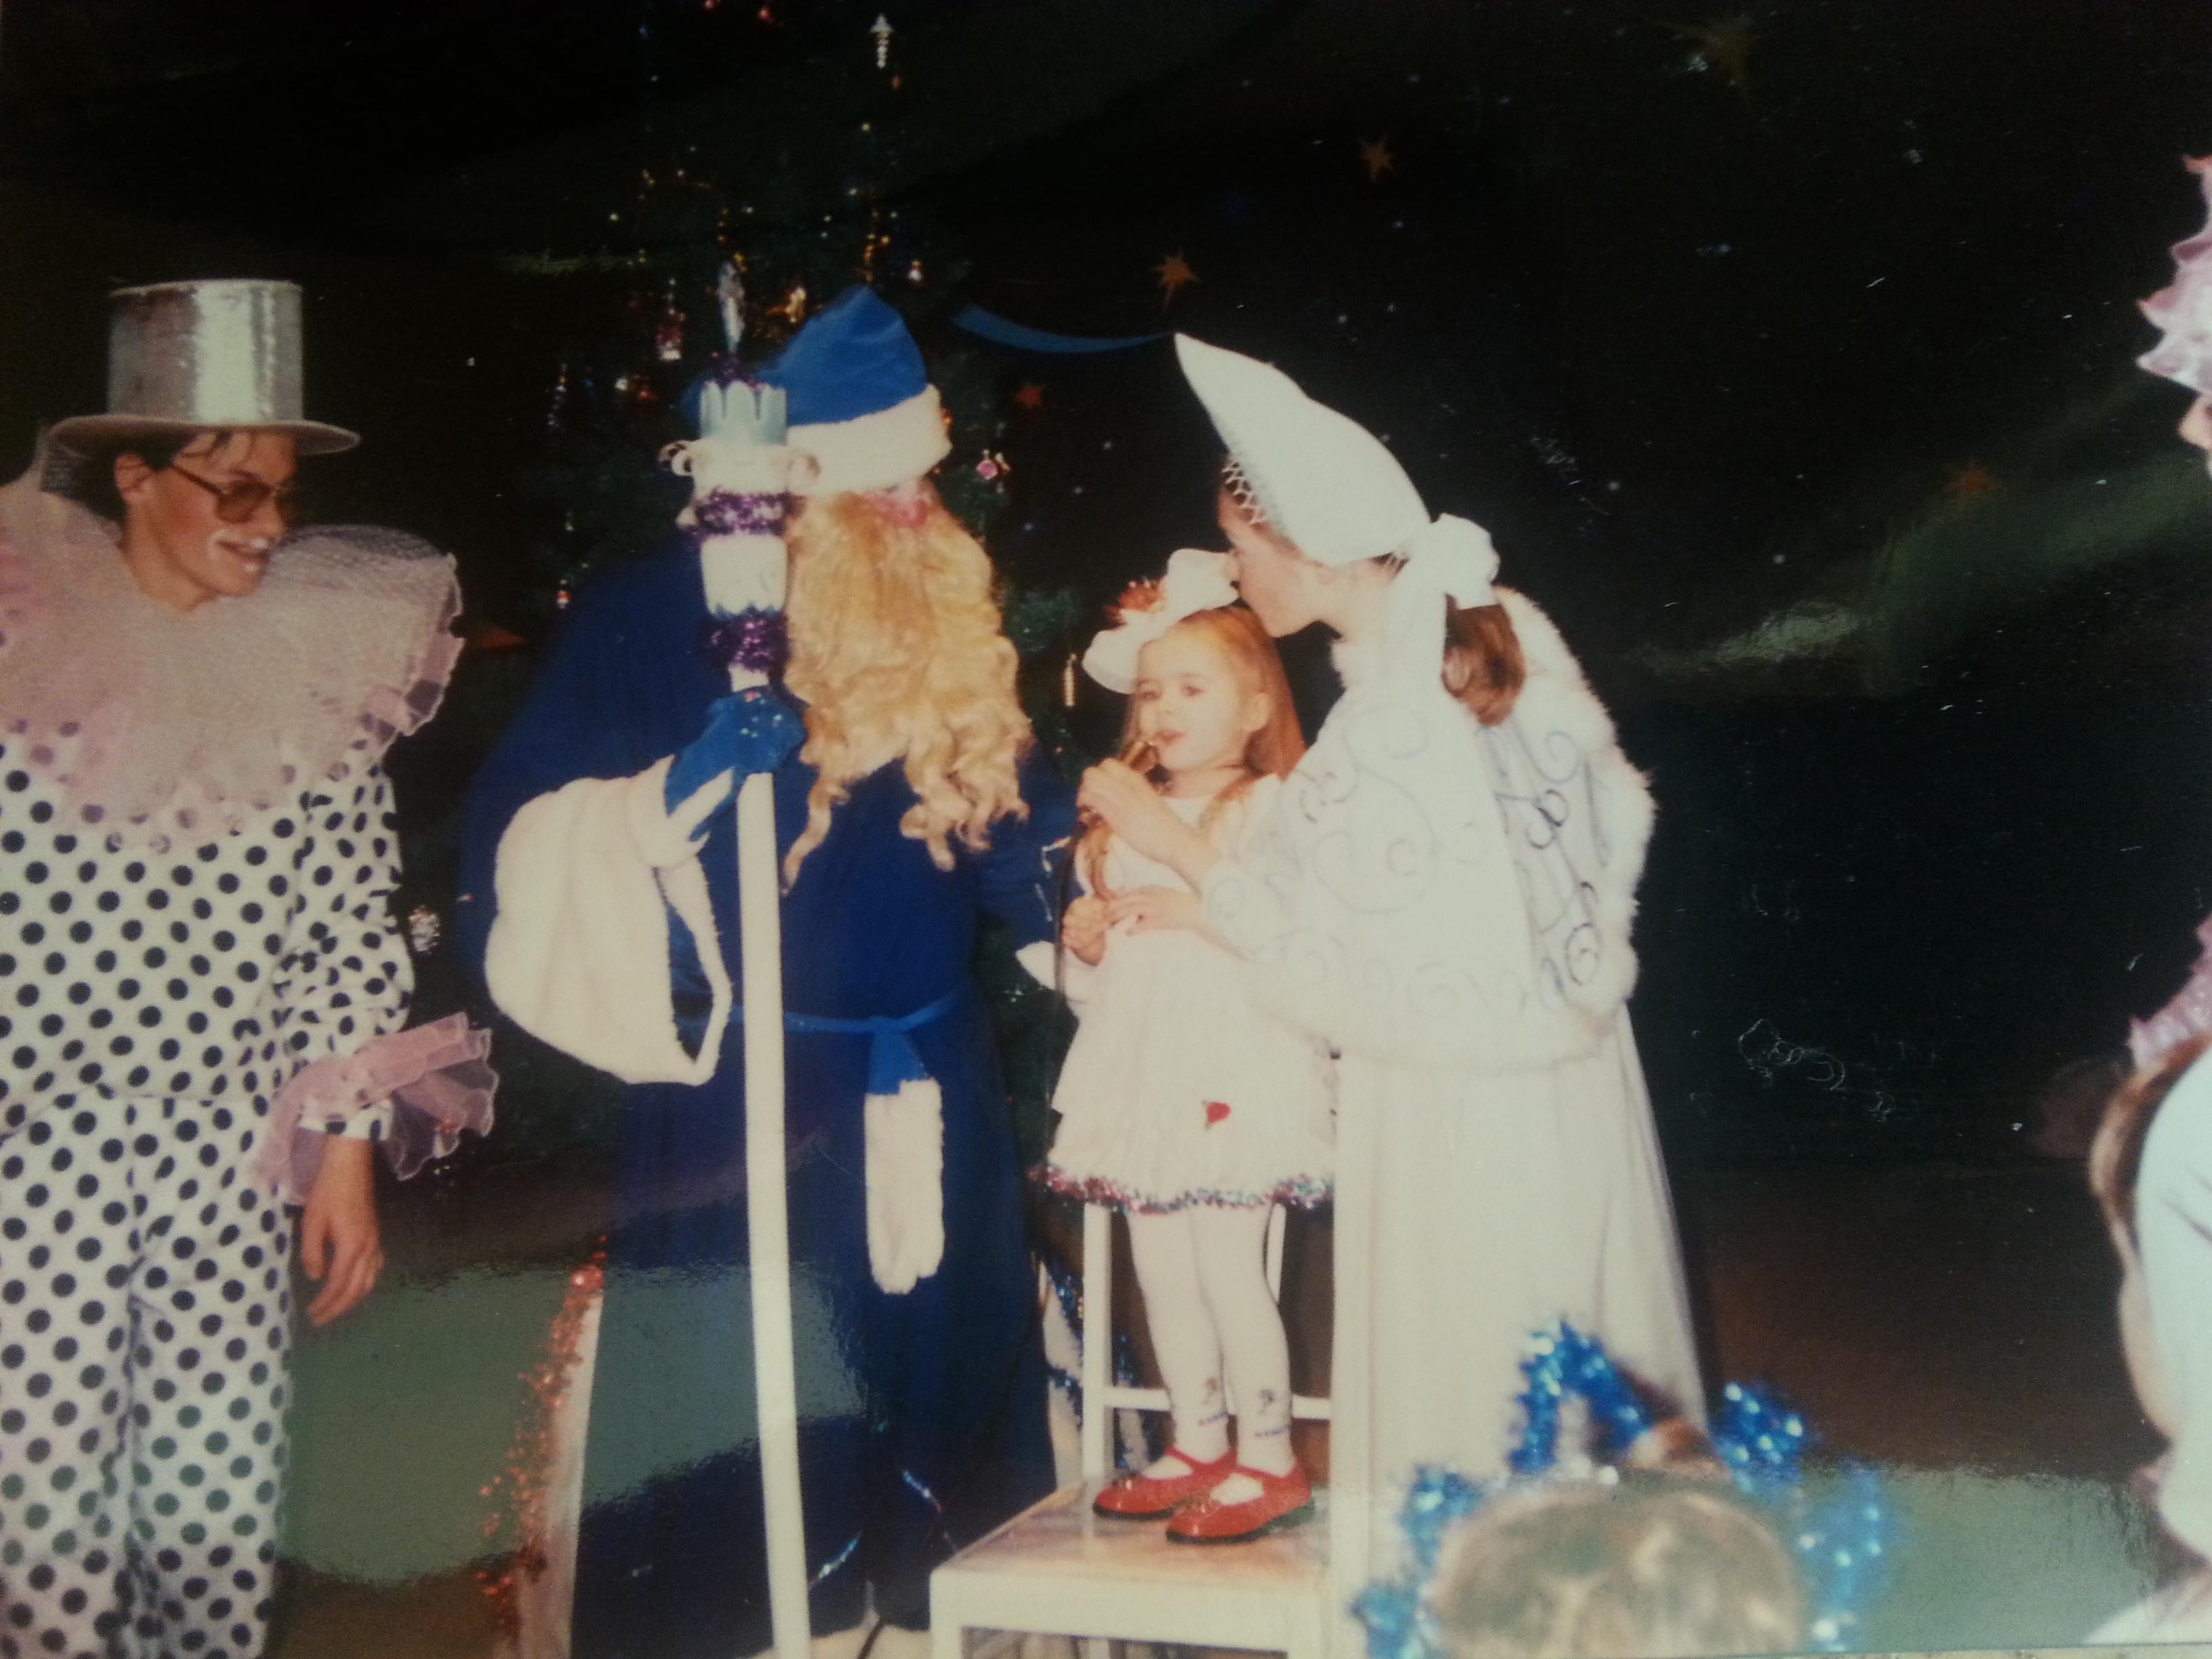 אלקסה פקה, 1996, רוסיה. סבא קור בחלוק כחול יחד עם סניגורצ'קה, תוהים מה ארצה לקבל השנה